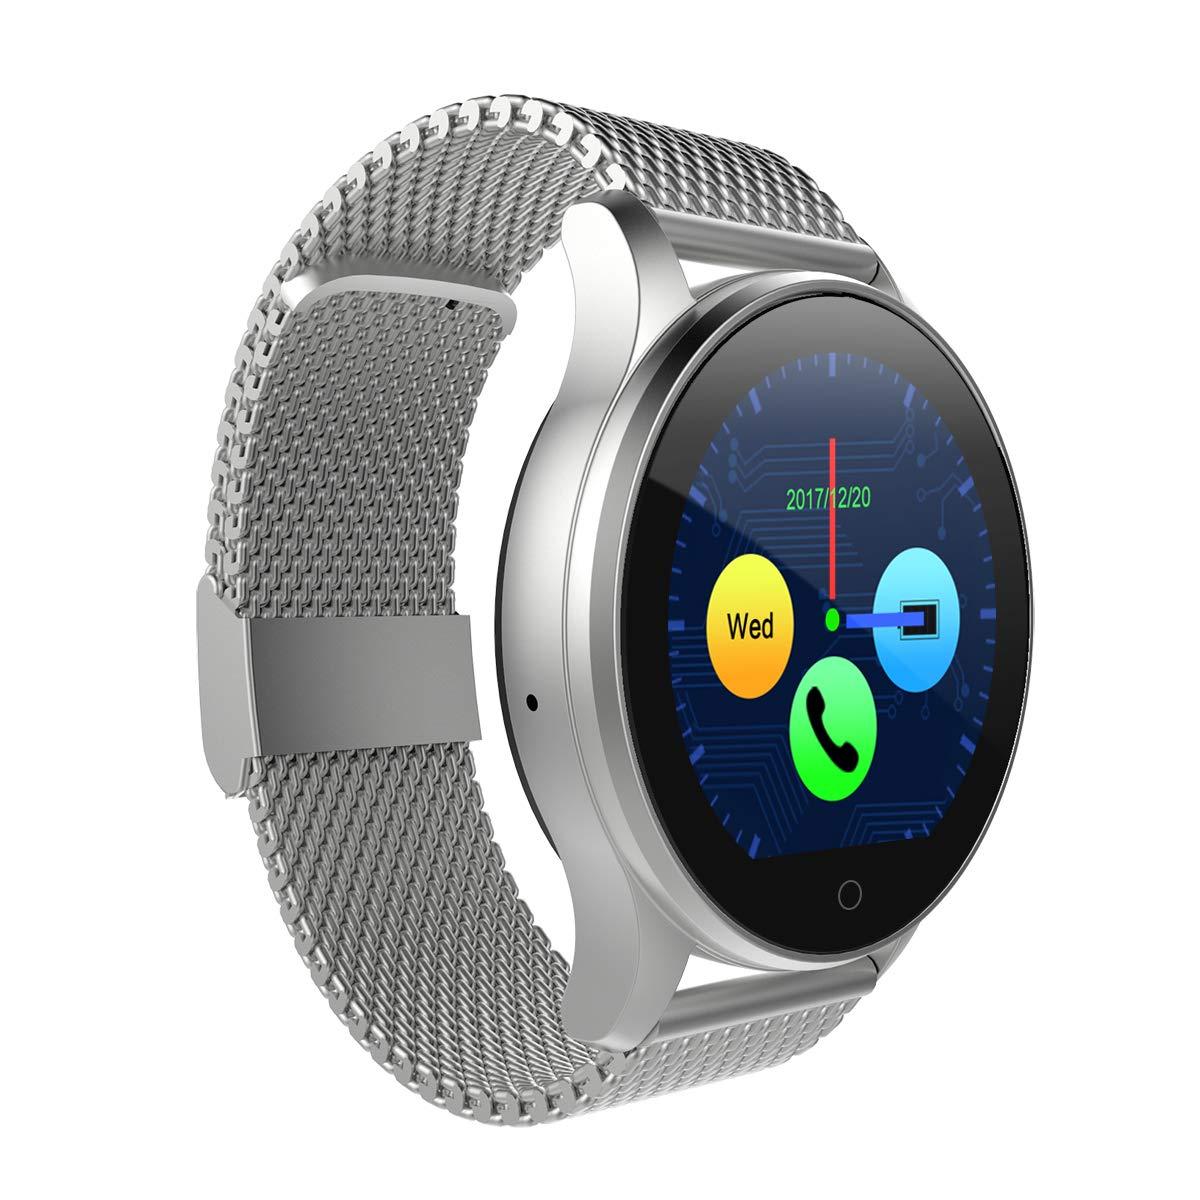 DIGGRO K88H Montre Intelligente podomètre Moniteur de fréquence Cardiaque Appel/Rappel de Sommeil Moniteur de Veille pour Android iOS: Amazon.fr: High-tech